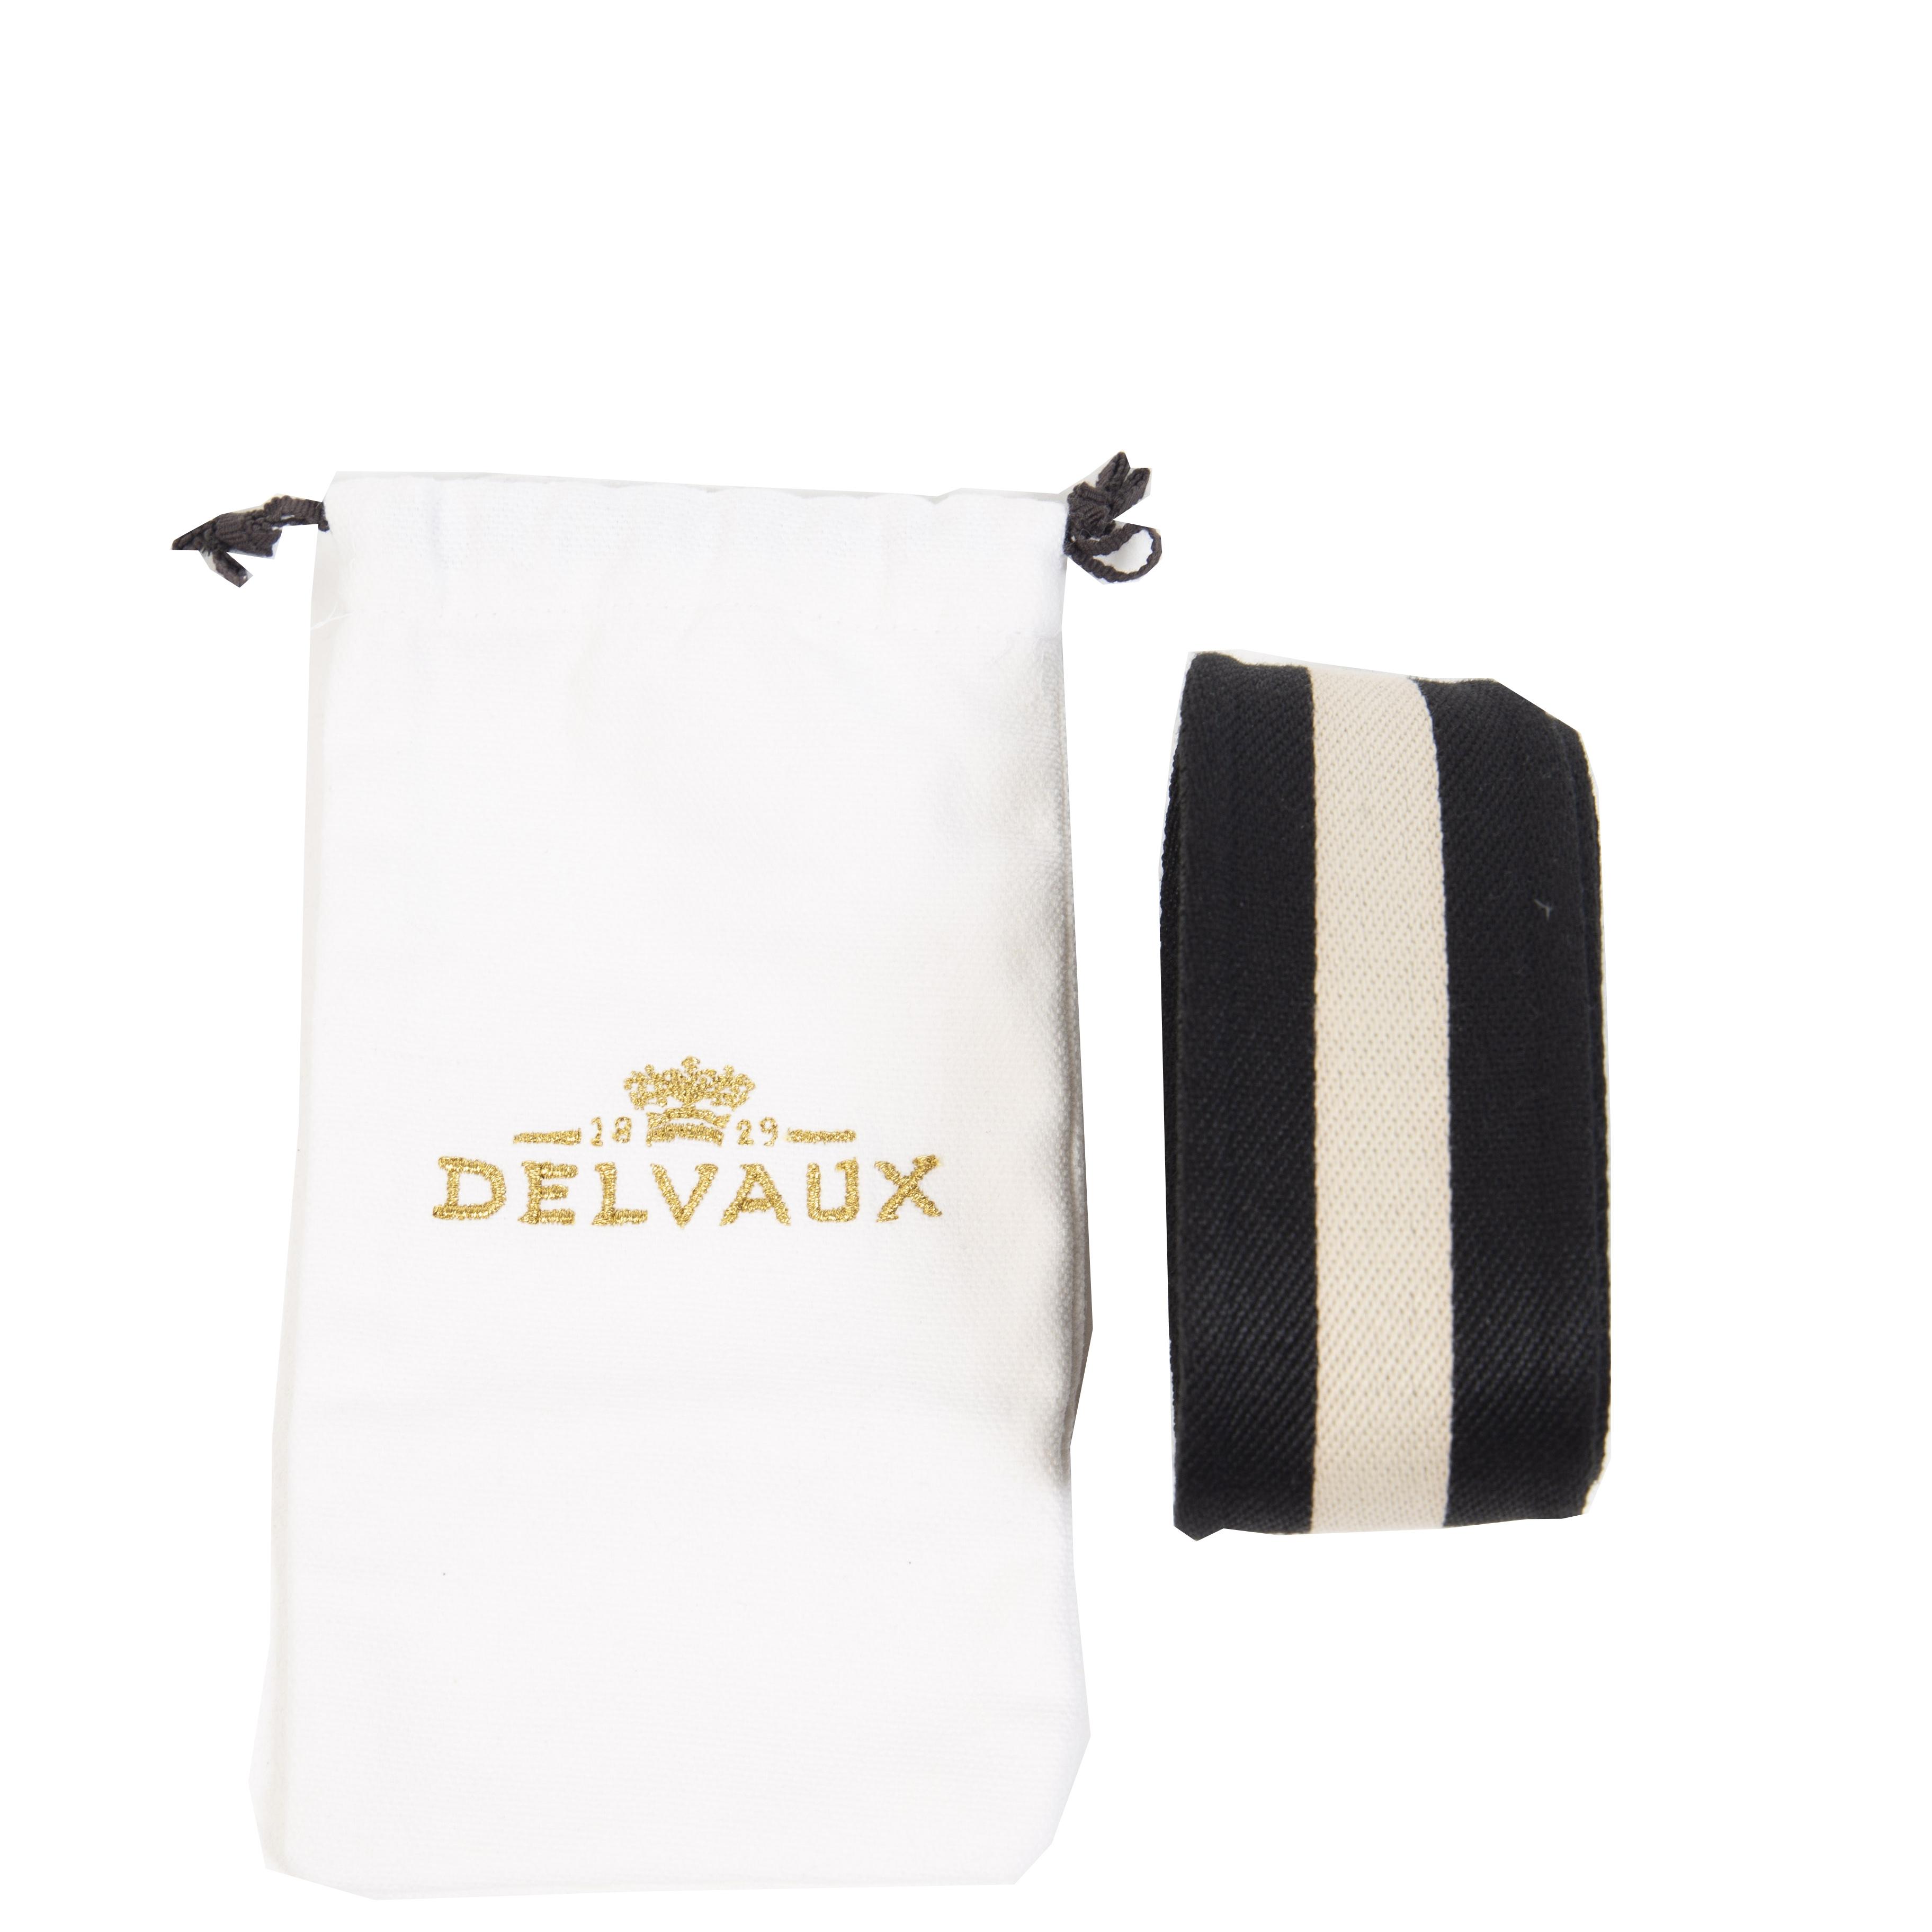 Authentieke Tweedehands Delvaux Black & White Bag Shoulder Strap juiste prijs veilig online shoppen luxe merken webshop winkelen Antwerpen België mode fashion